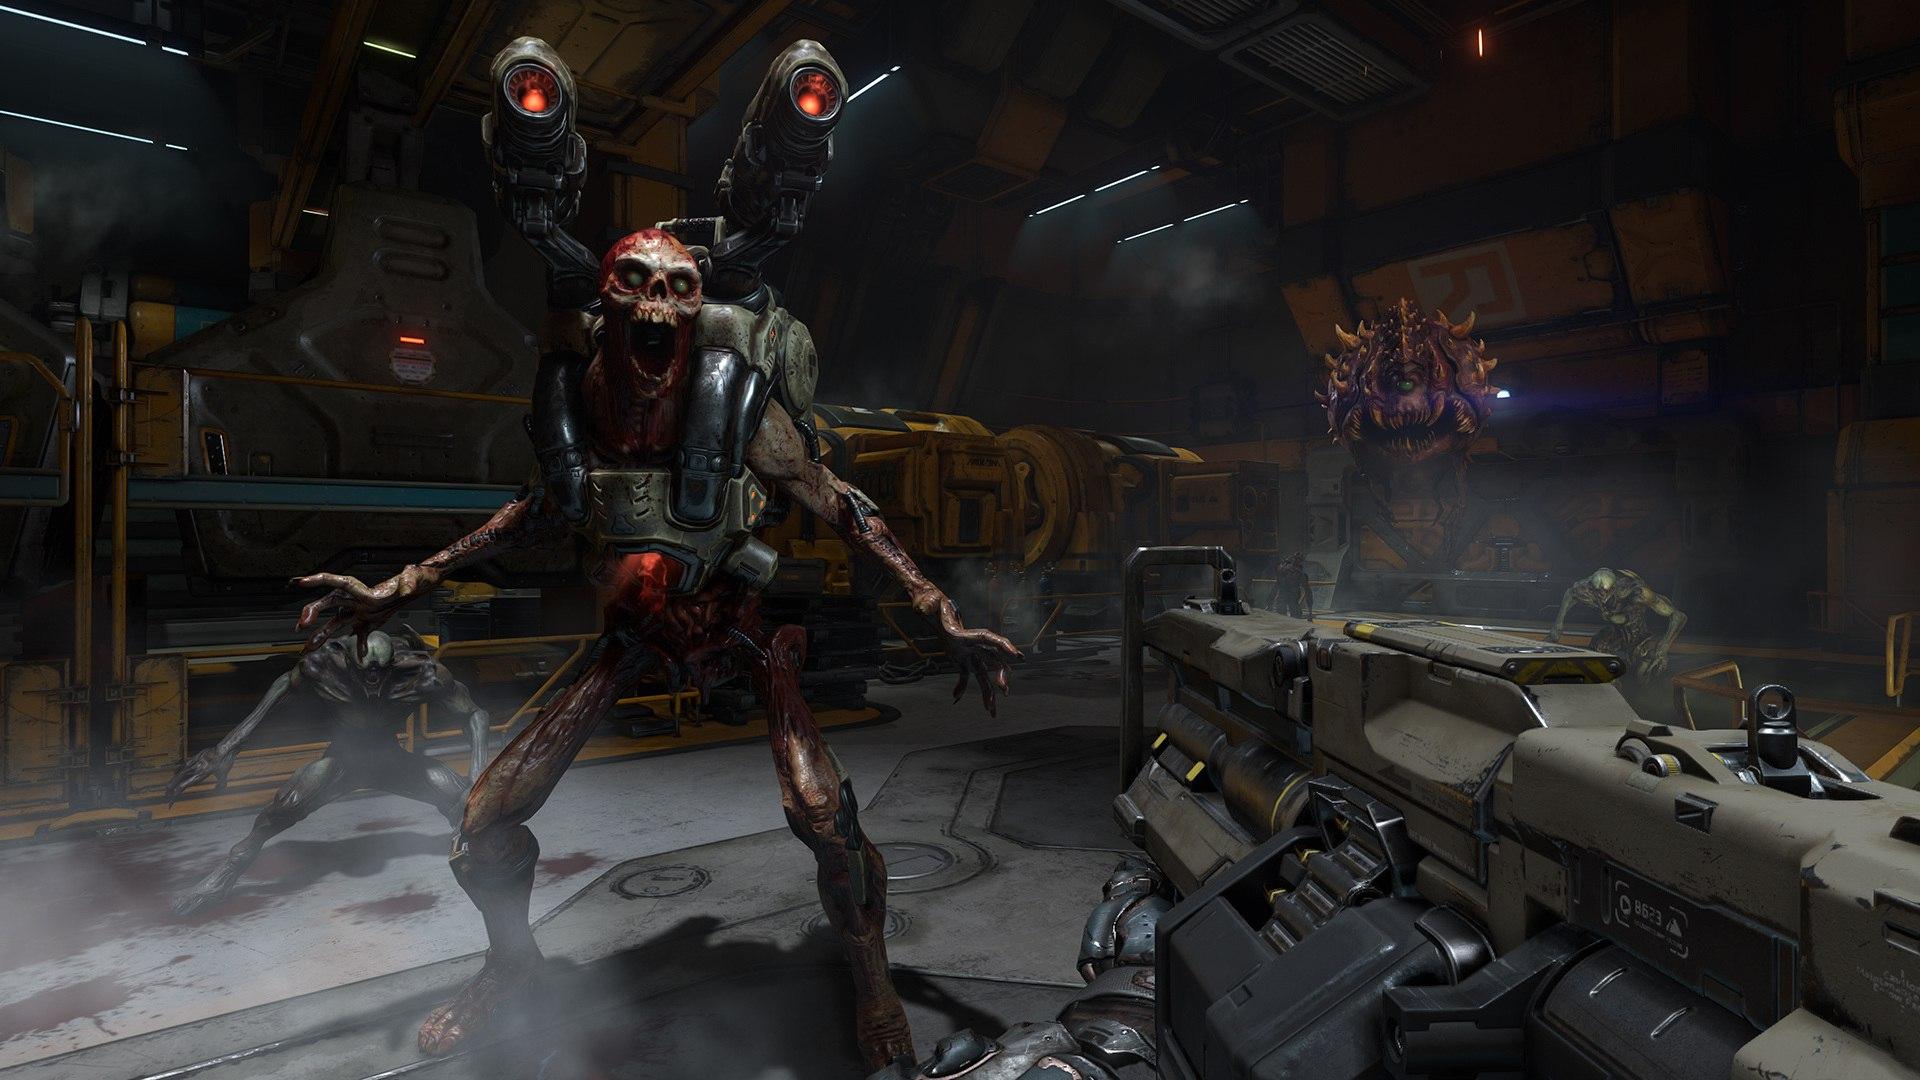 Doom Pic 1